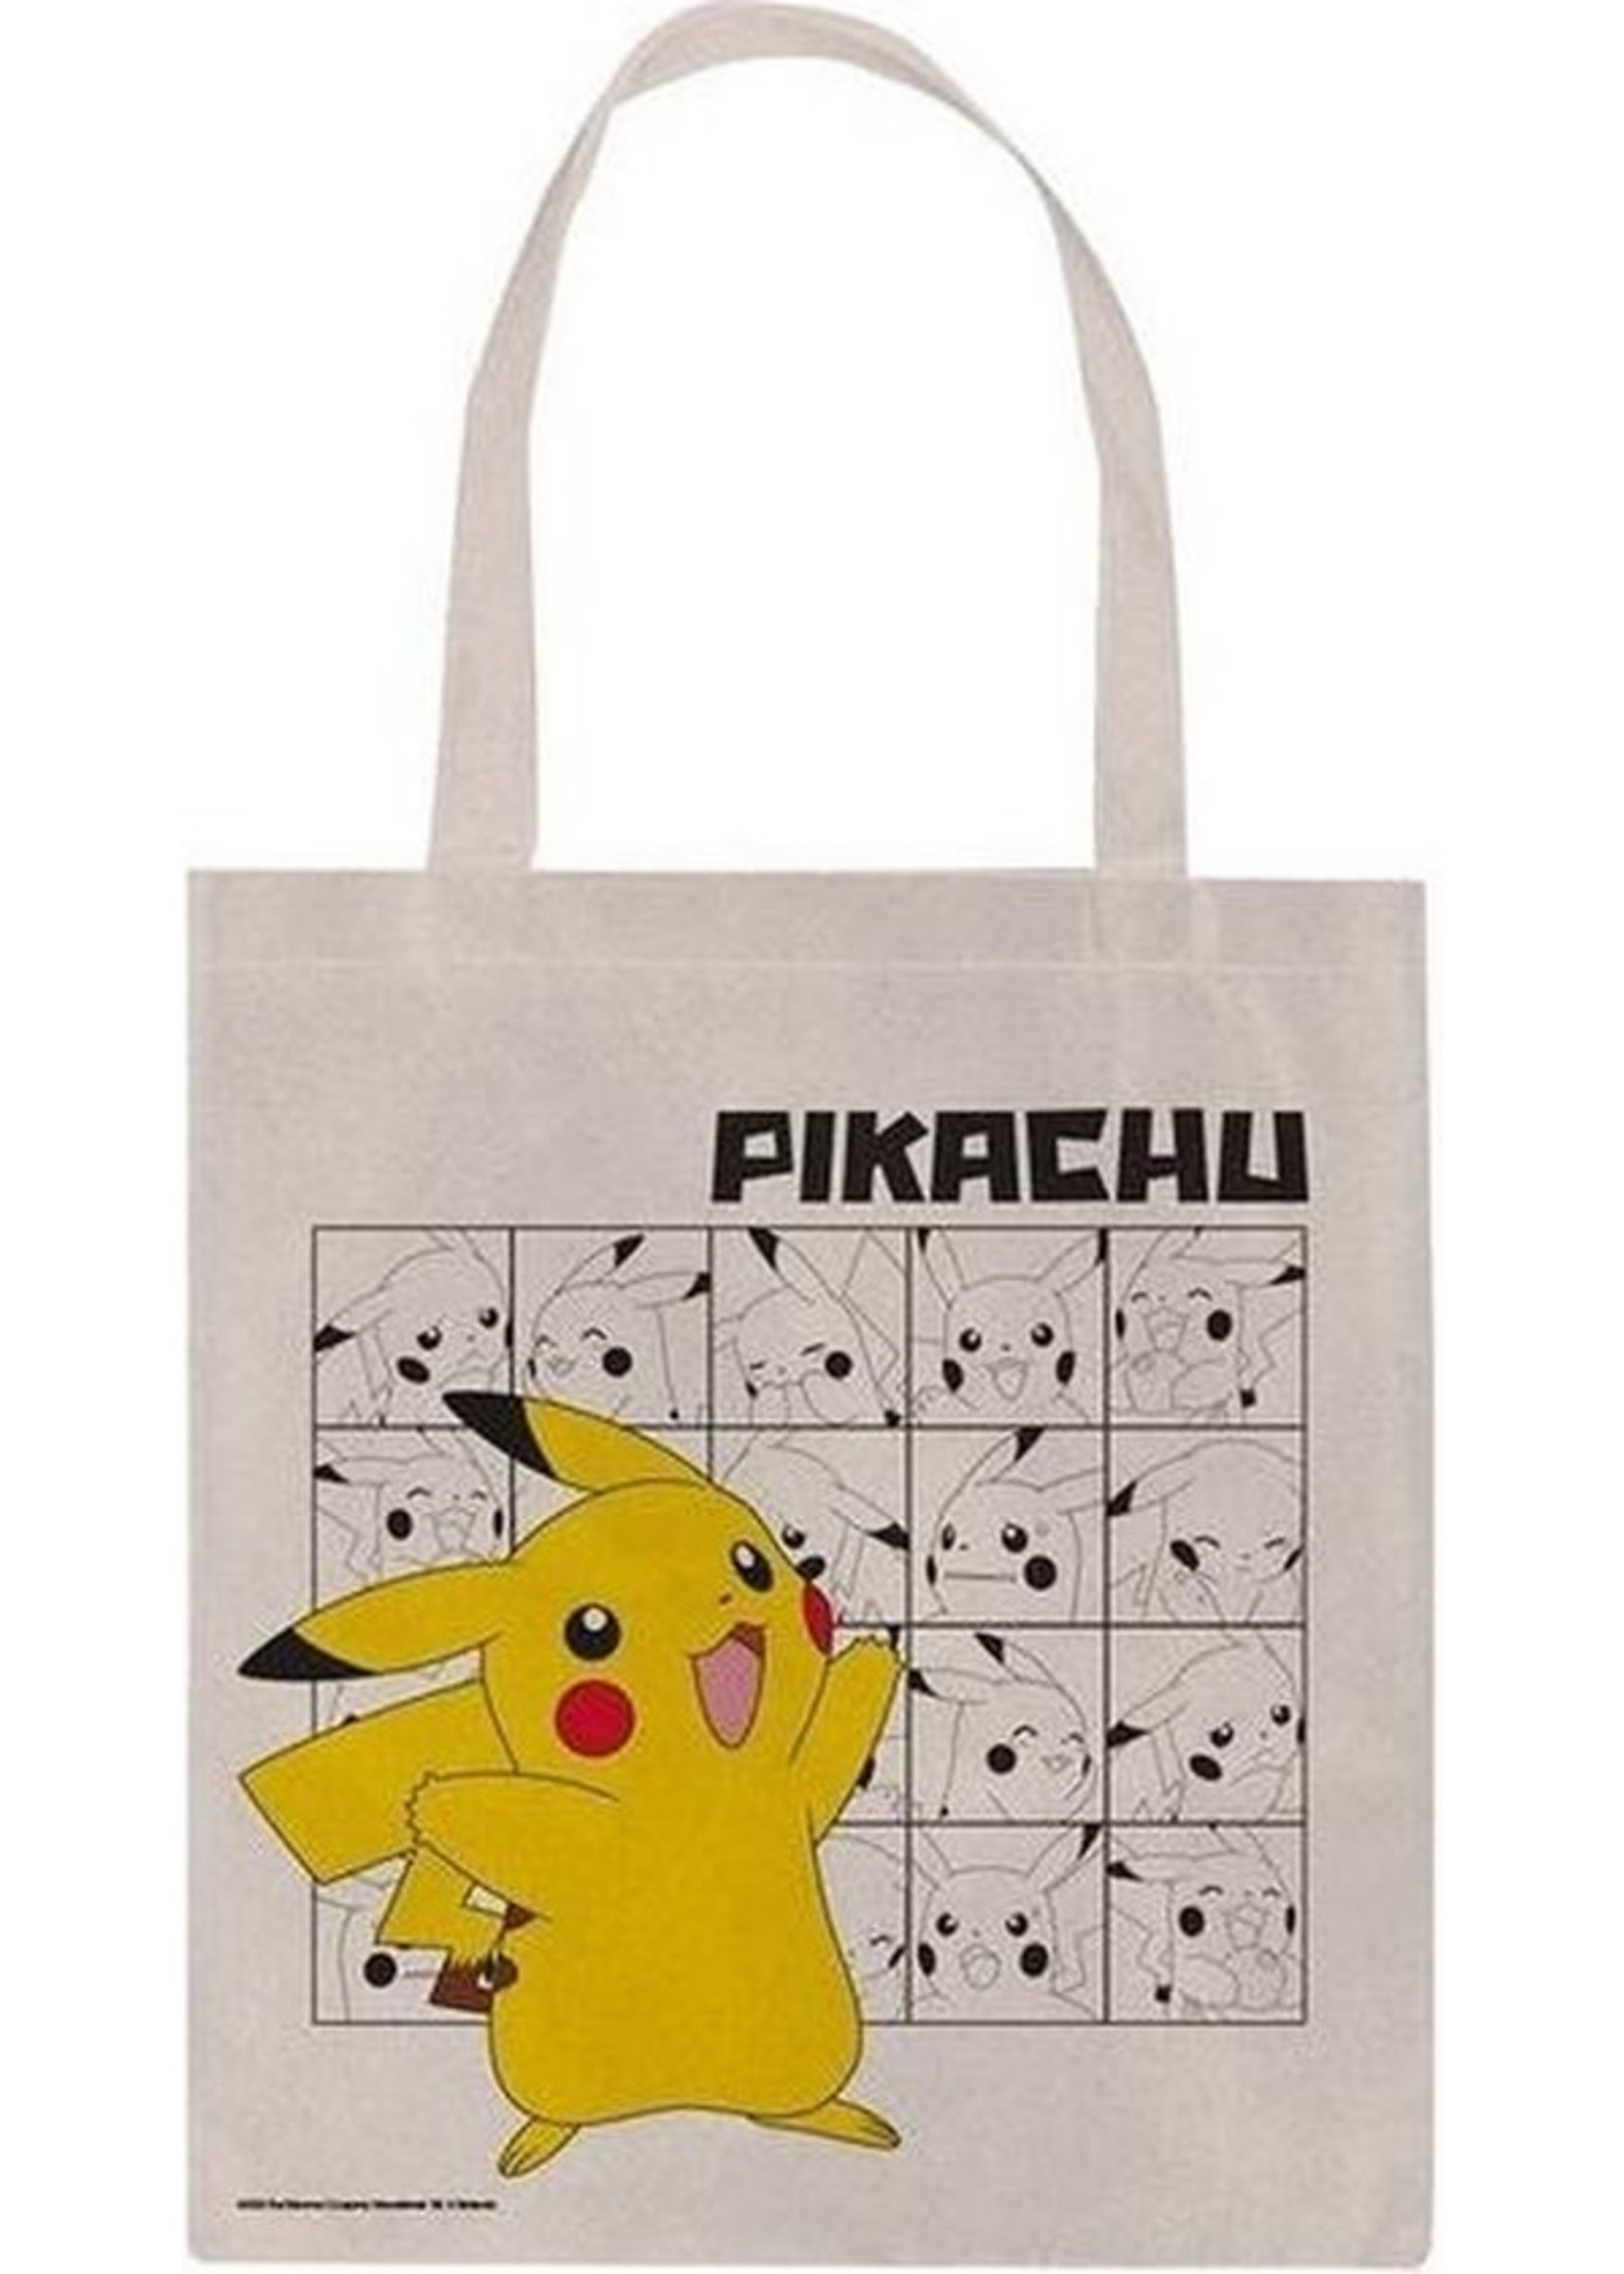 GBEye Tote Bags - POKEMON Pikachu